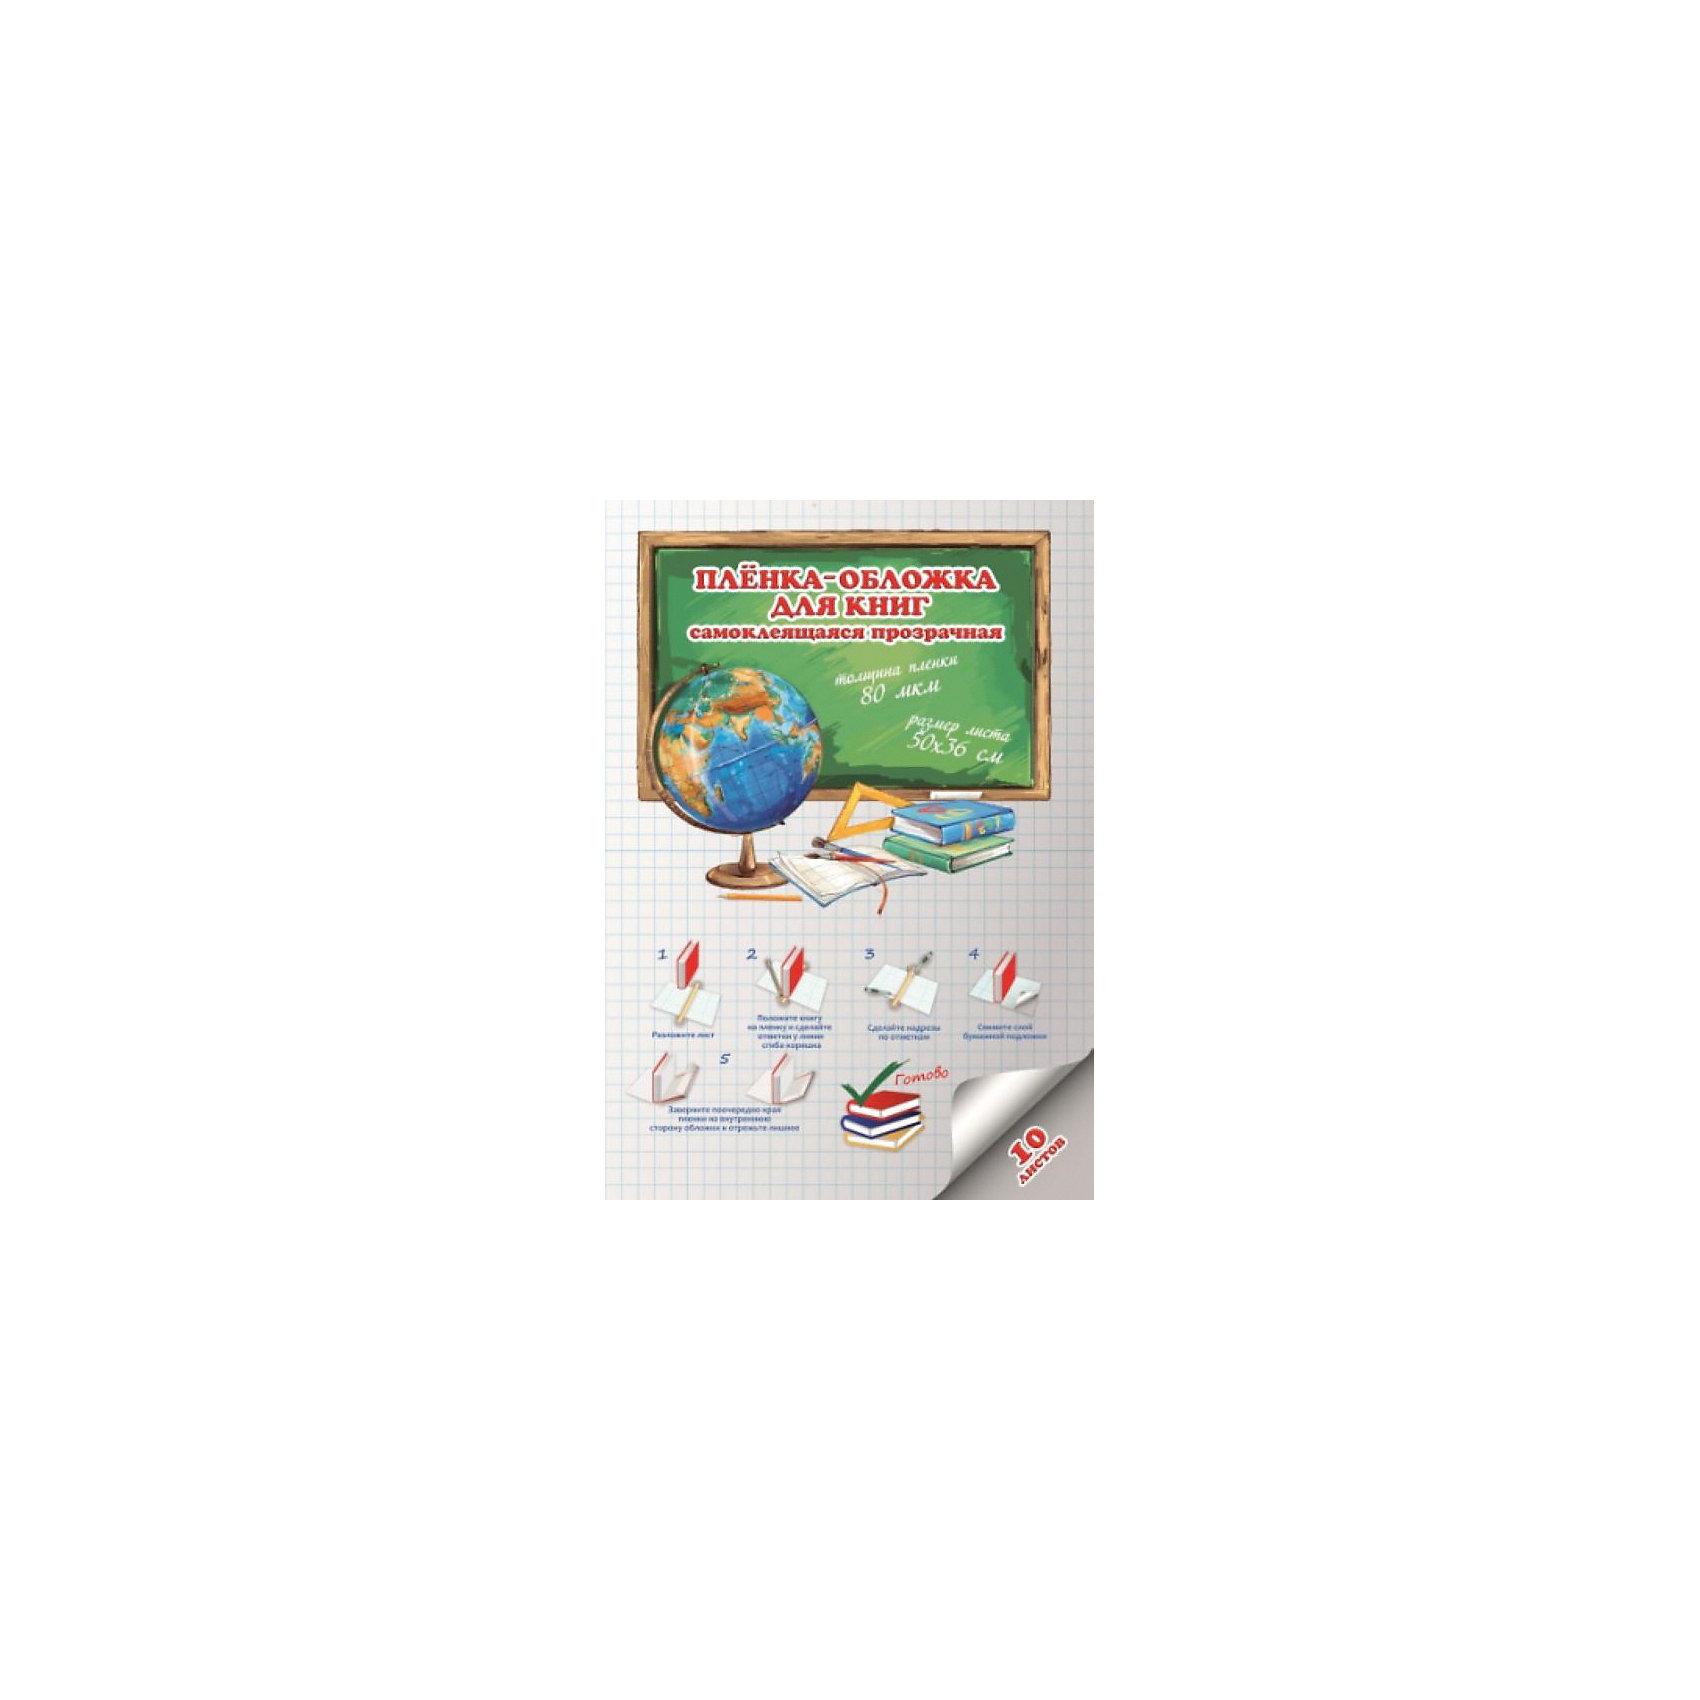 Пленка-обложка самоклеящаяся для книг Феникс+, 50*36 см, 10 листовШкольные аксессуары<br>Пленка-обложка самоклеящаяся  д/книг  (гладкая, прозрачная, ПВХ, 50х36см, в листах (10 шт), толщина пленки - 0,08мм, толщина бум. подложки -0,09мм)<br><br>Ширина мм: 500<br>Глубина мм: 360<br>Высота мм: 3<br>Вес г: 315<br>Возраст от месяцев: 72<br>Возраст до месяцев: 2147483647<br>Пол: Унисекс<br>Возраст: Детский<br>SKU: 7046380